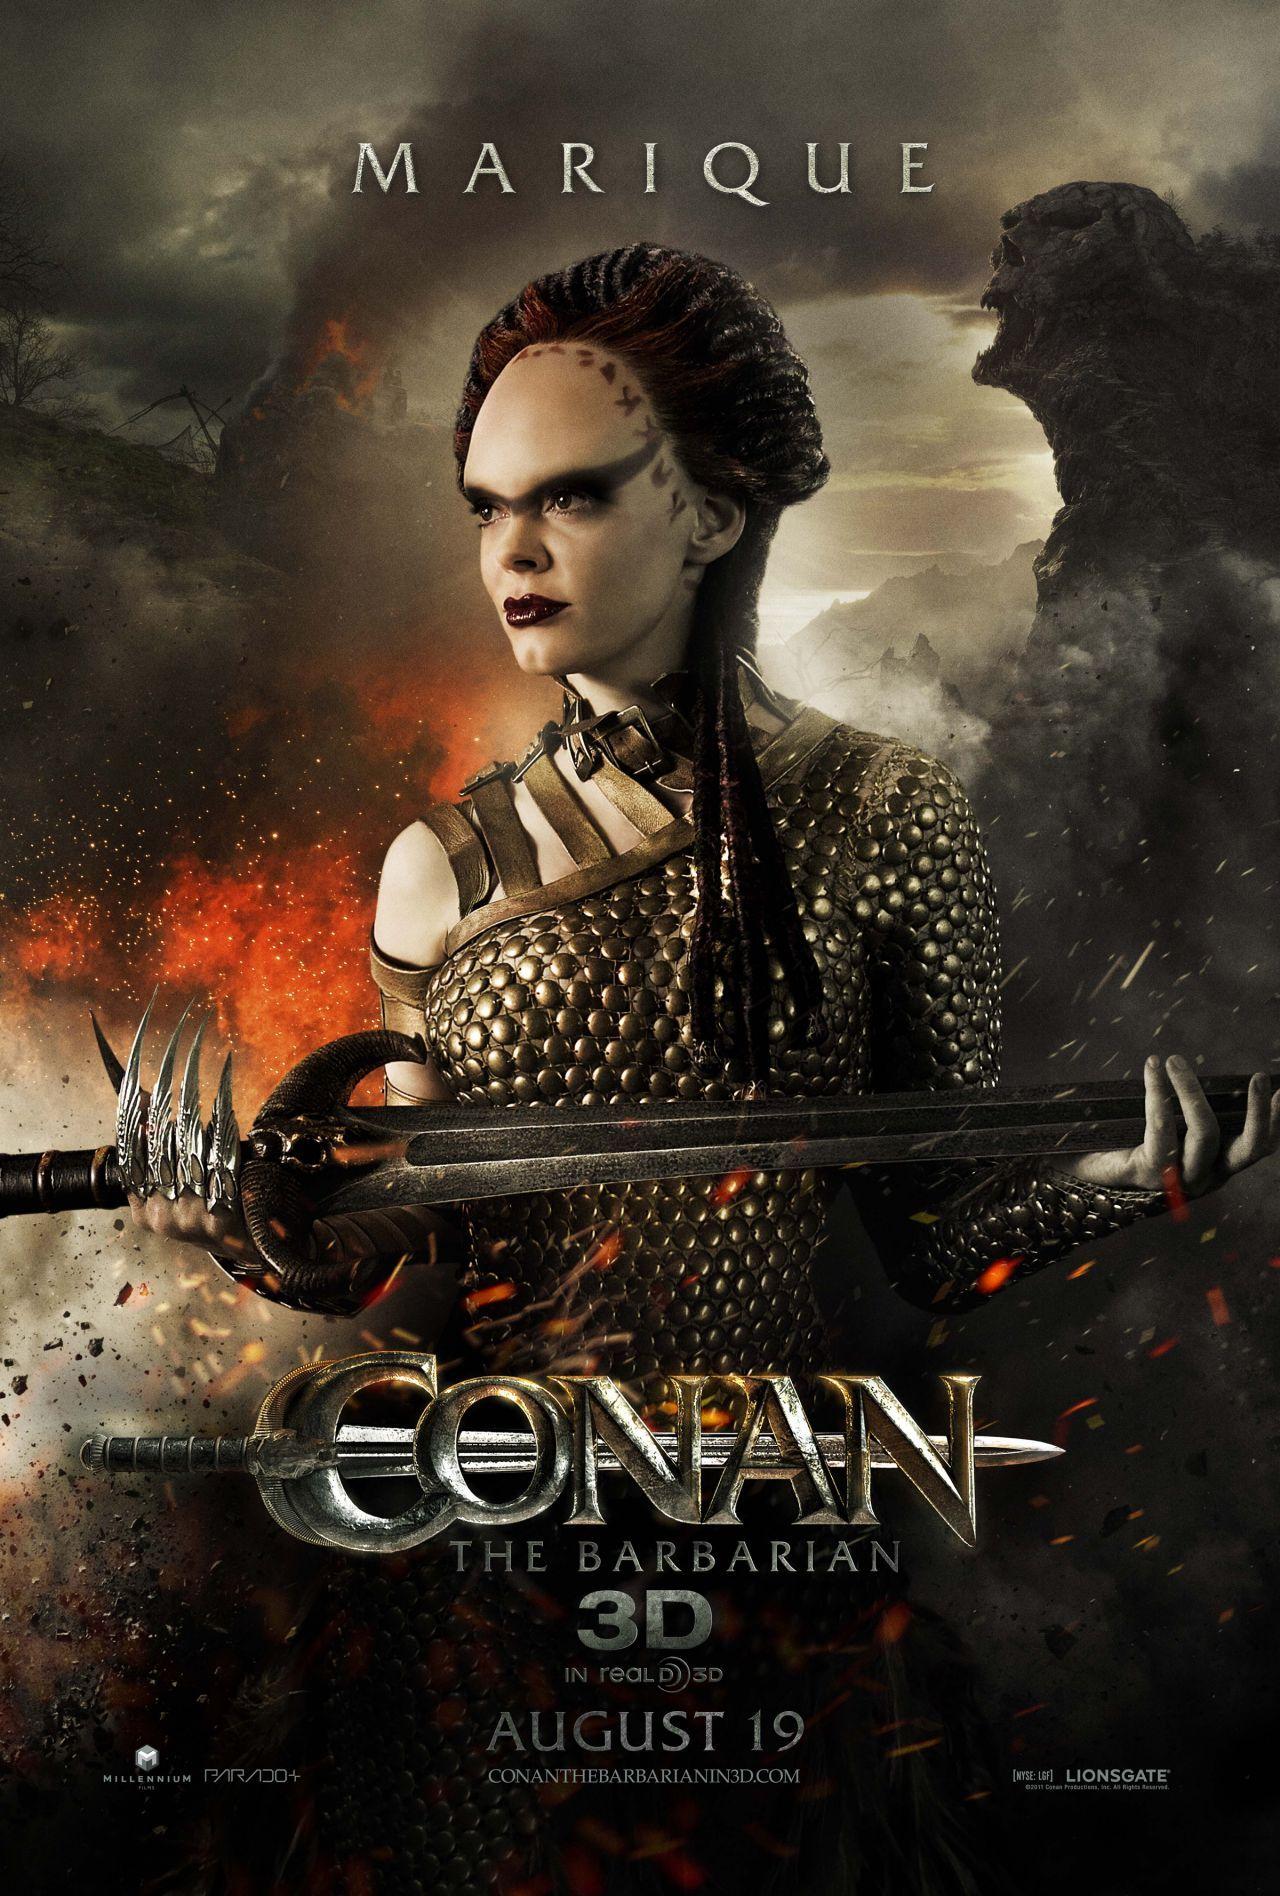 Conan 2011 Cool rose mcgowan - conan the barbarian 2011   women of action/fantasy